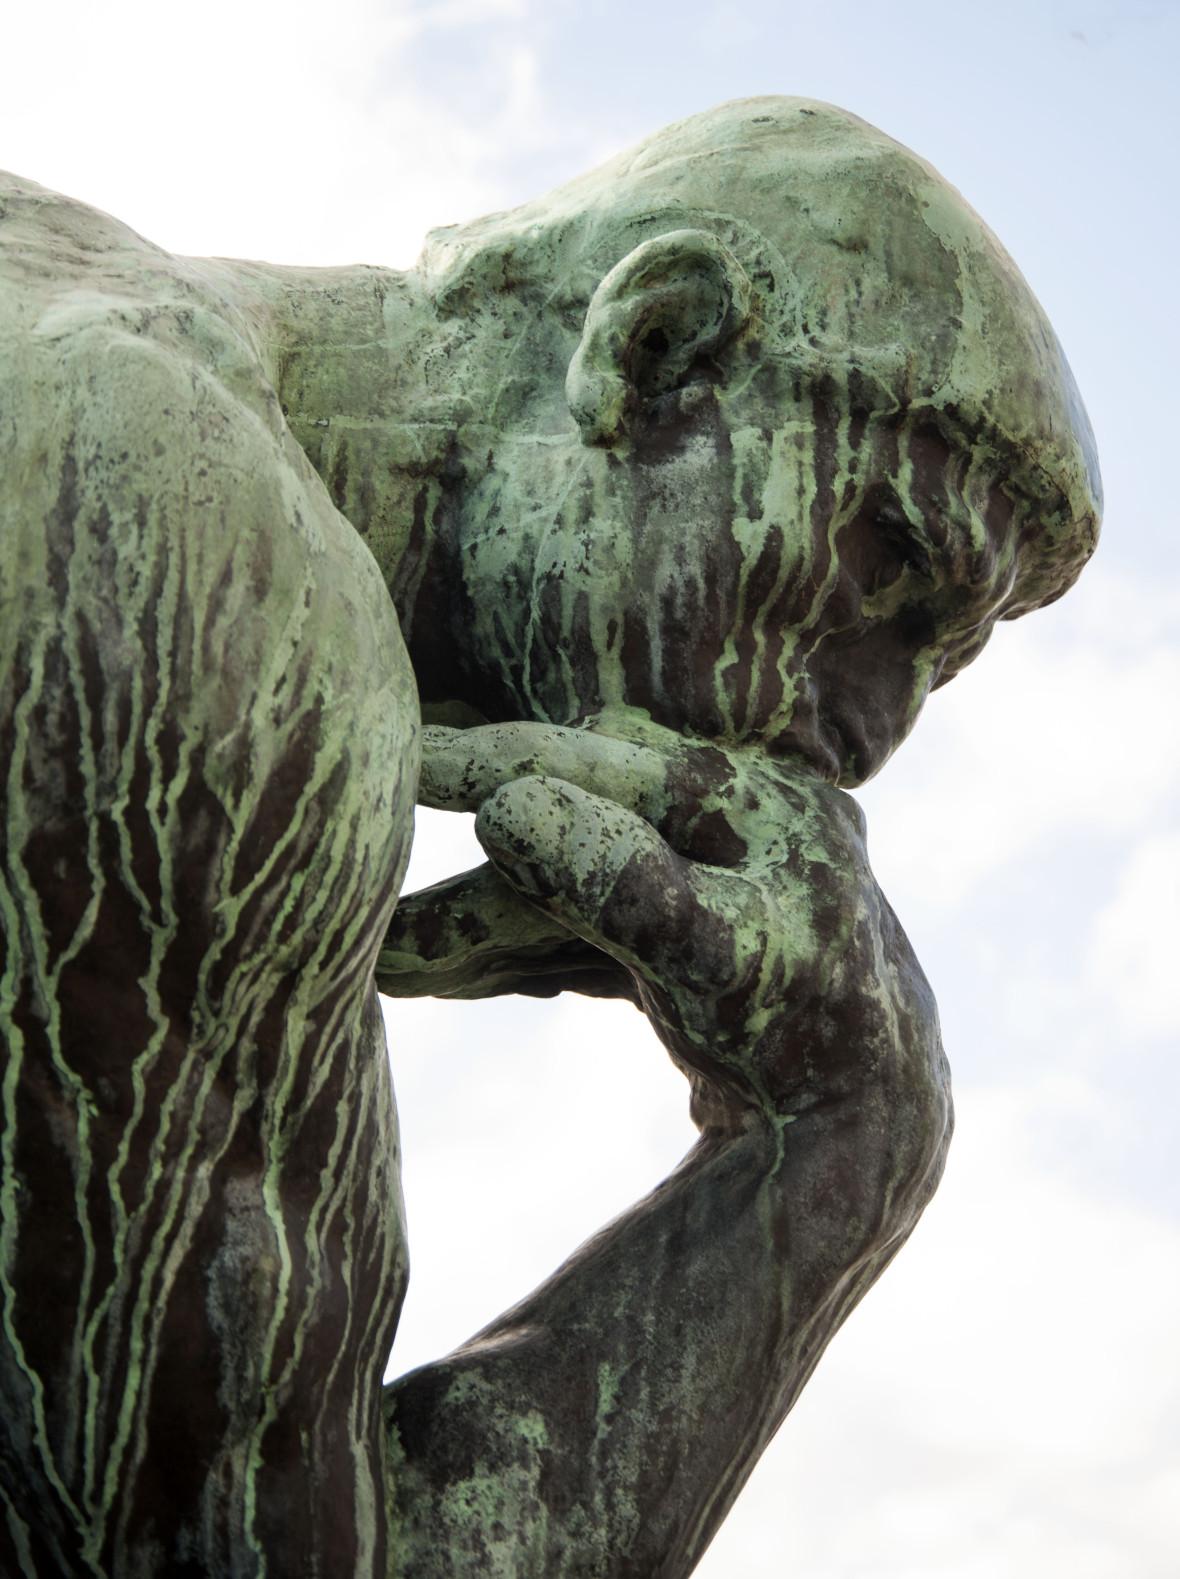 Auguste Rodin: Ajattelija (yksityiskohta), 1909. Prins Eugens Waldemarsudde. Kuva: Nationalmuseum / Linn Ahlgren